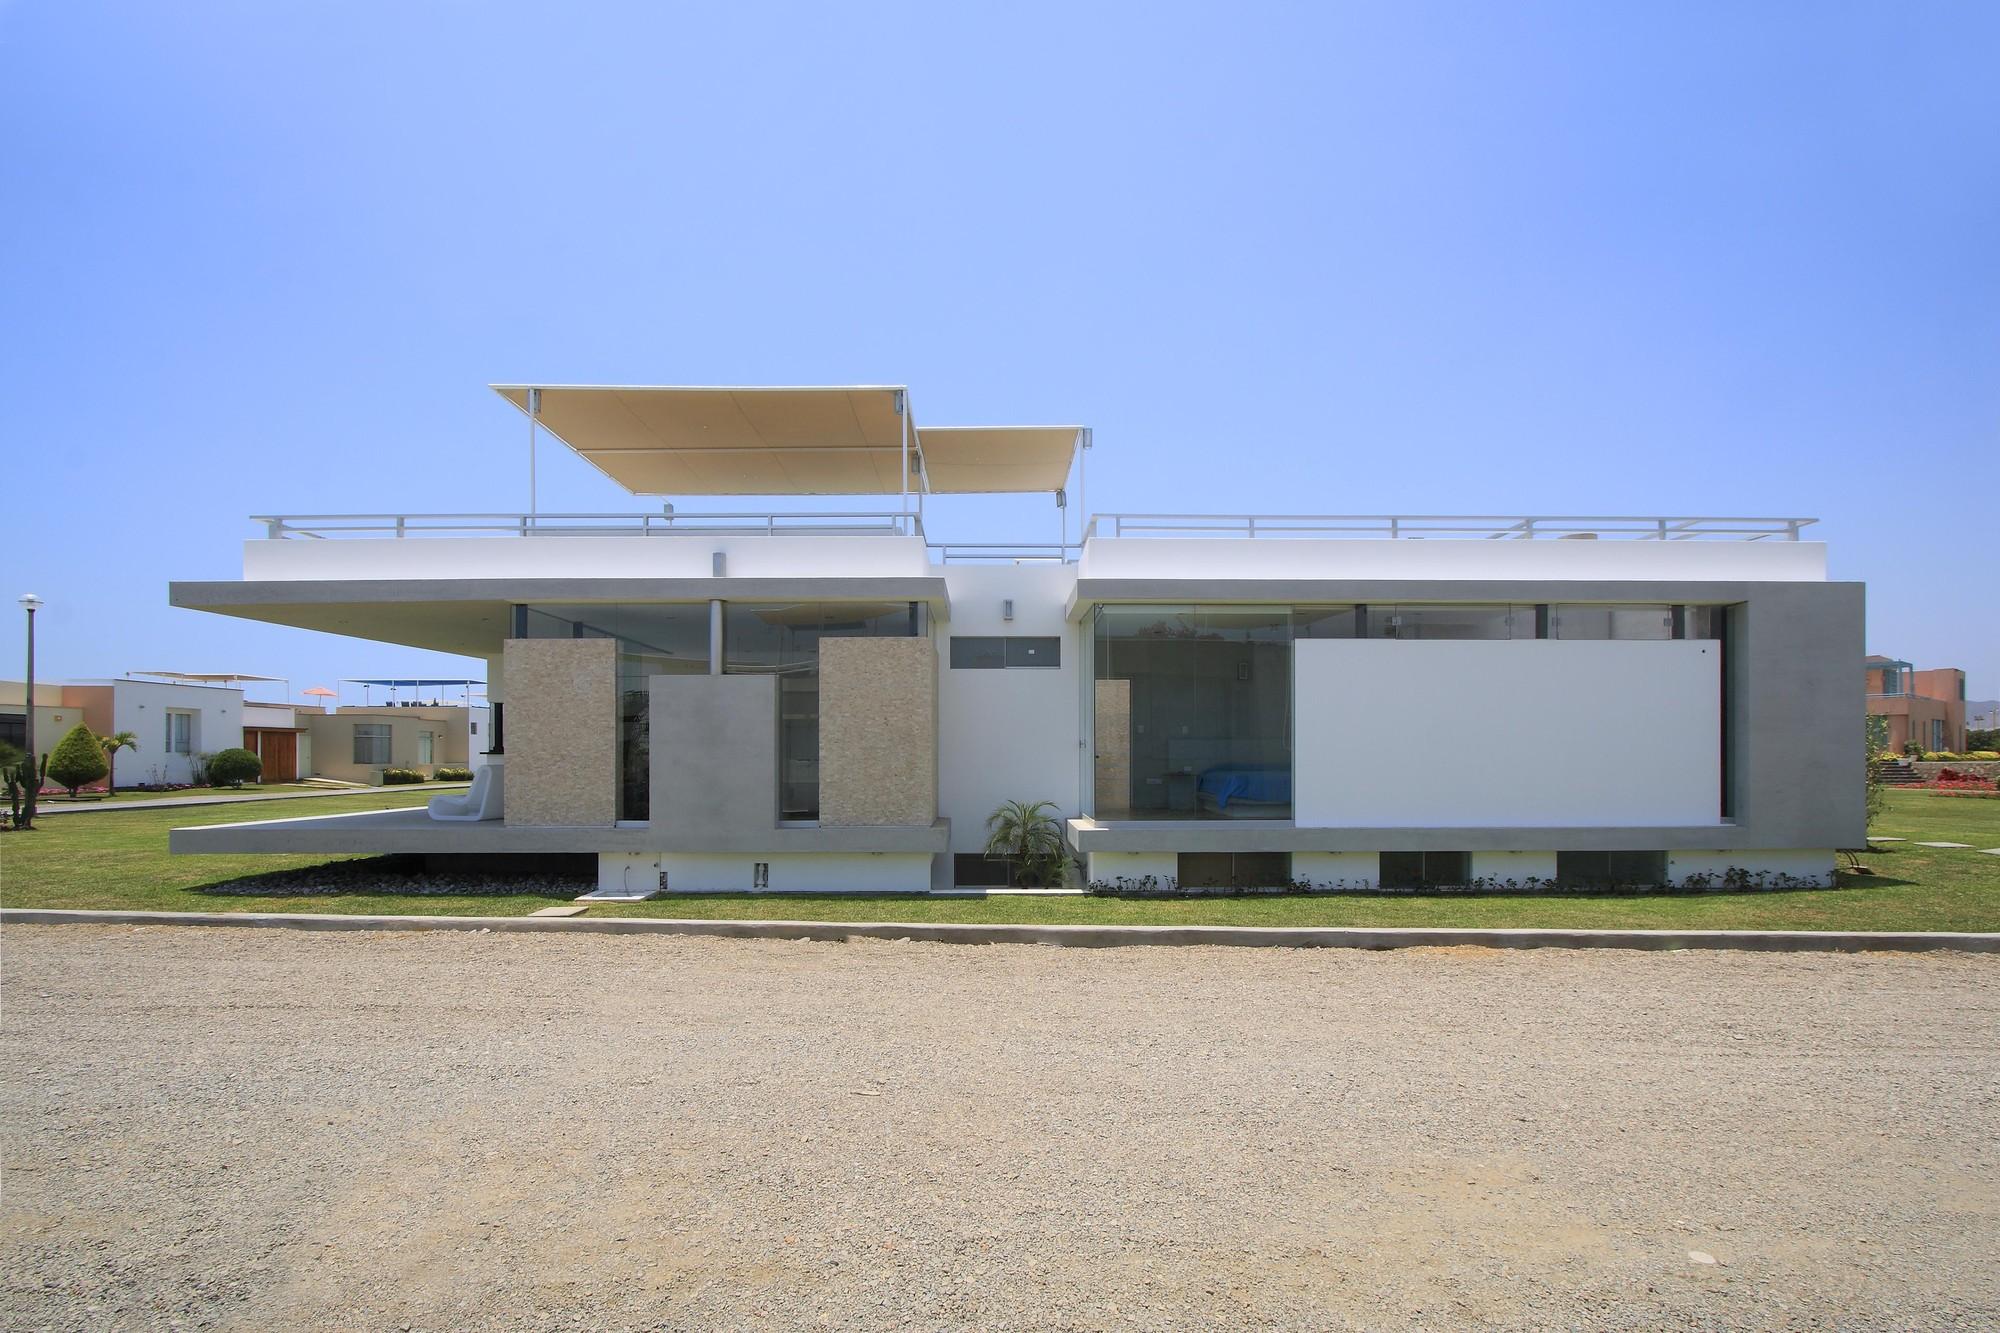 Casa Viva / Gómez de la Torre & Guerrero Arquitectos, © Juan Solano